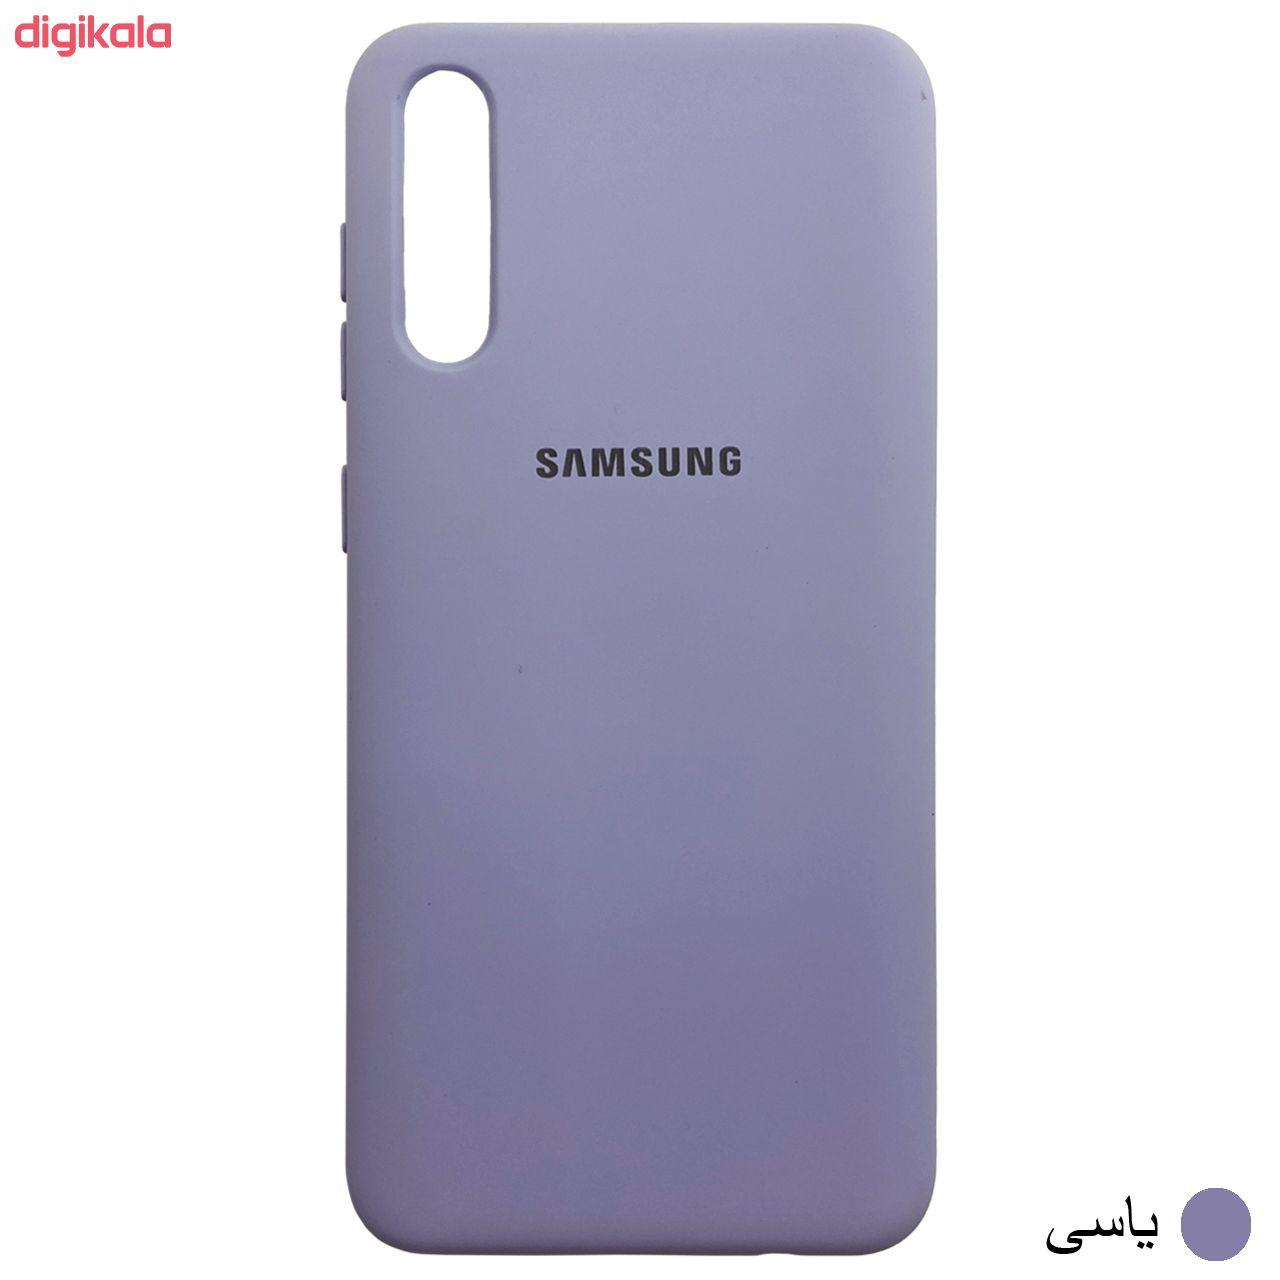 کاور مدل SCN مناسب برای گوشی موبایل سامسونگ Galaxy A50 / A50s / A30s main 1 5